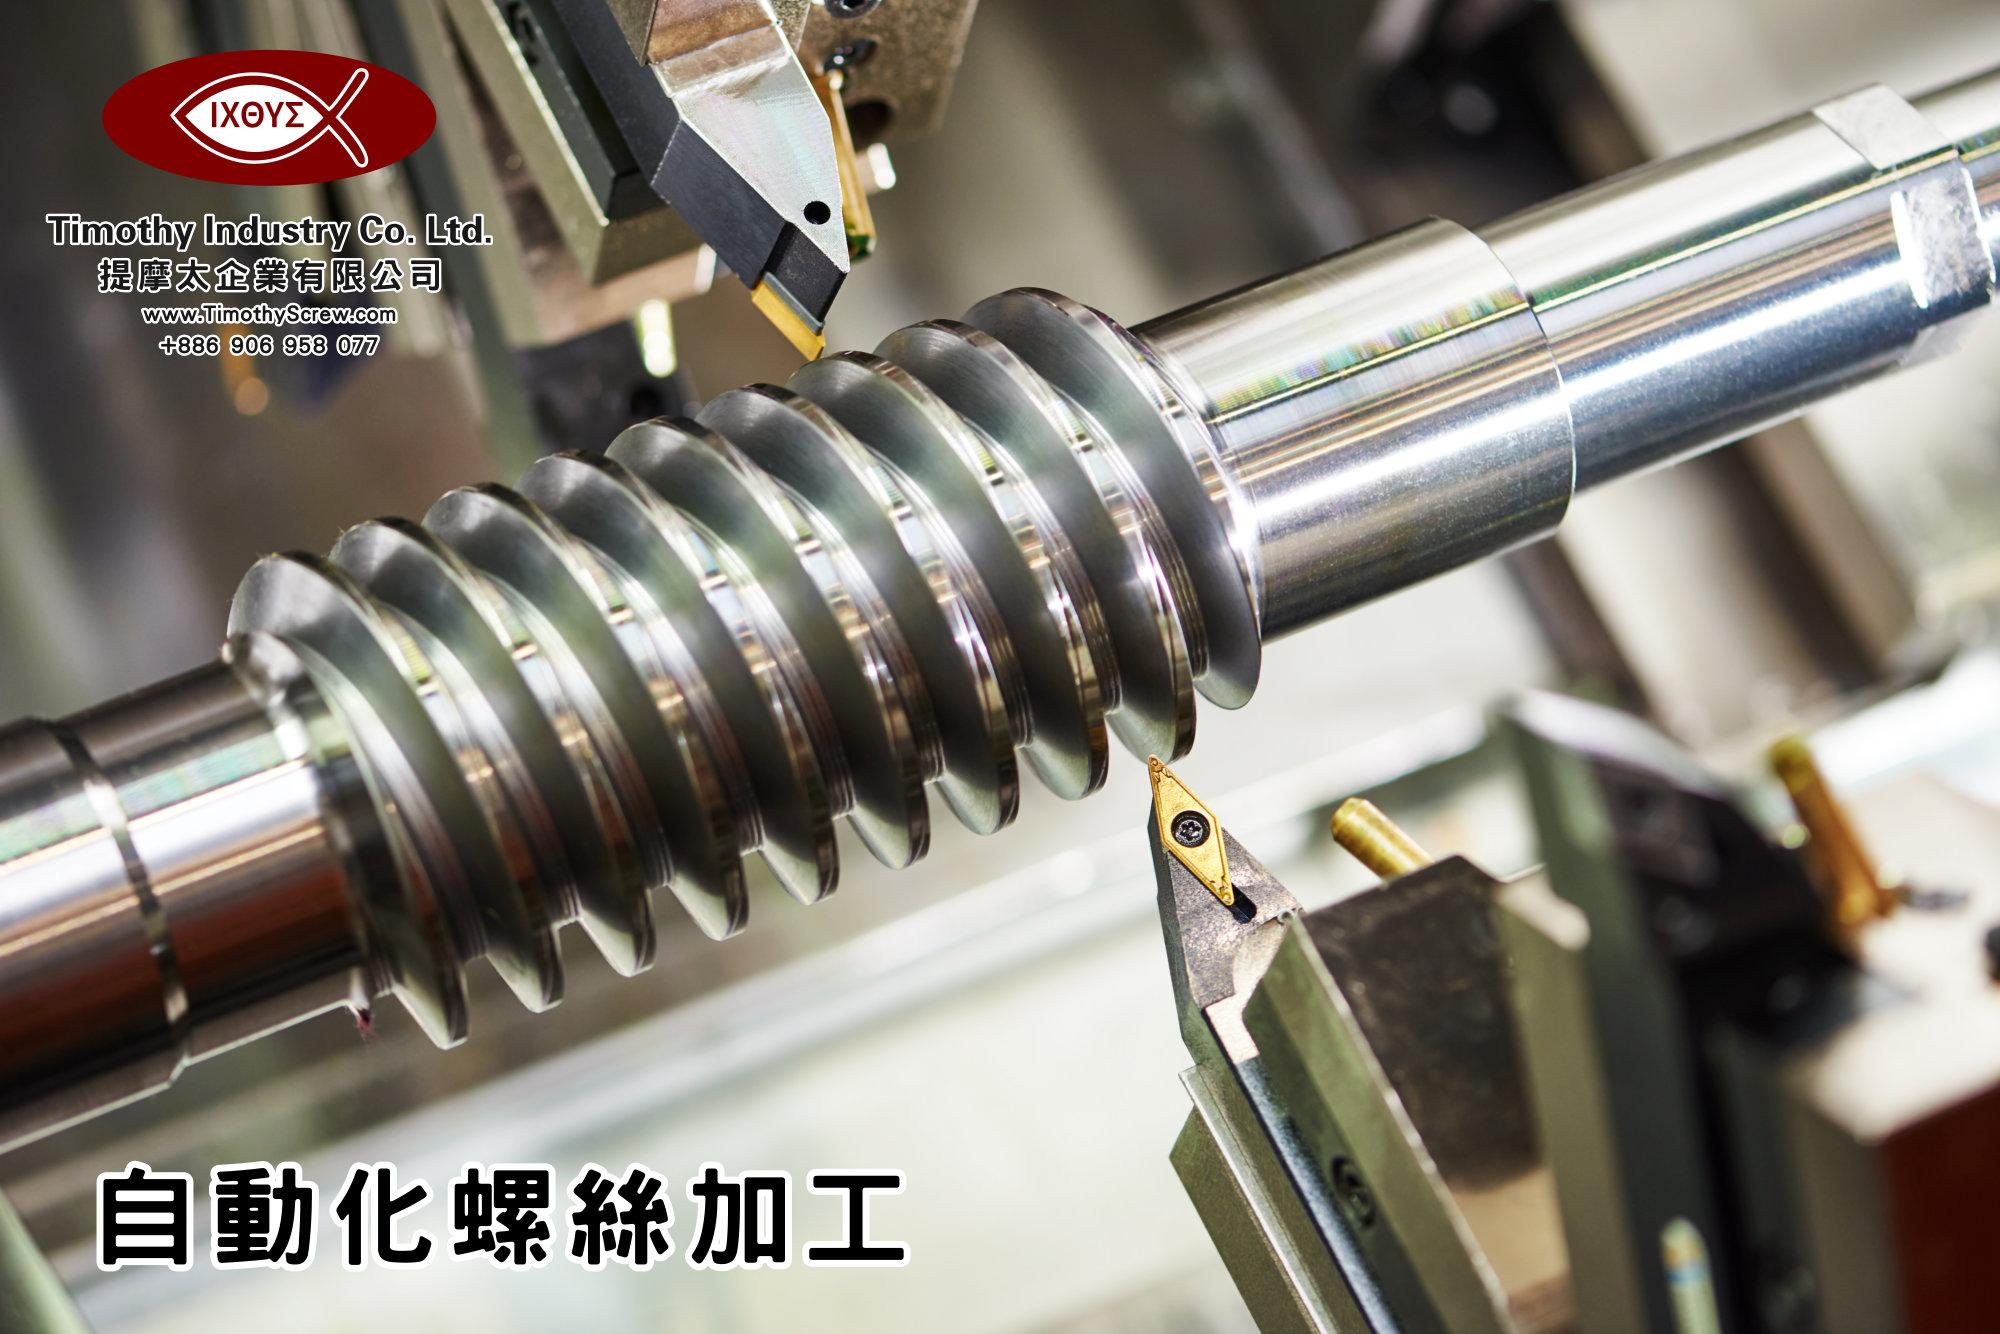 提摩太企業有限公司 Timothy Industry Co Ltd 自動化螺絲加工 車床部 銑床部 台灣自動化螺絲加工 螺絲製造 A24